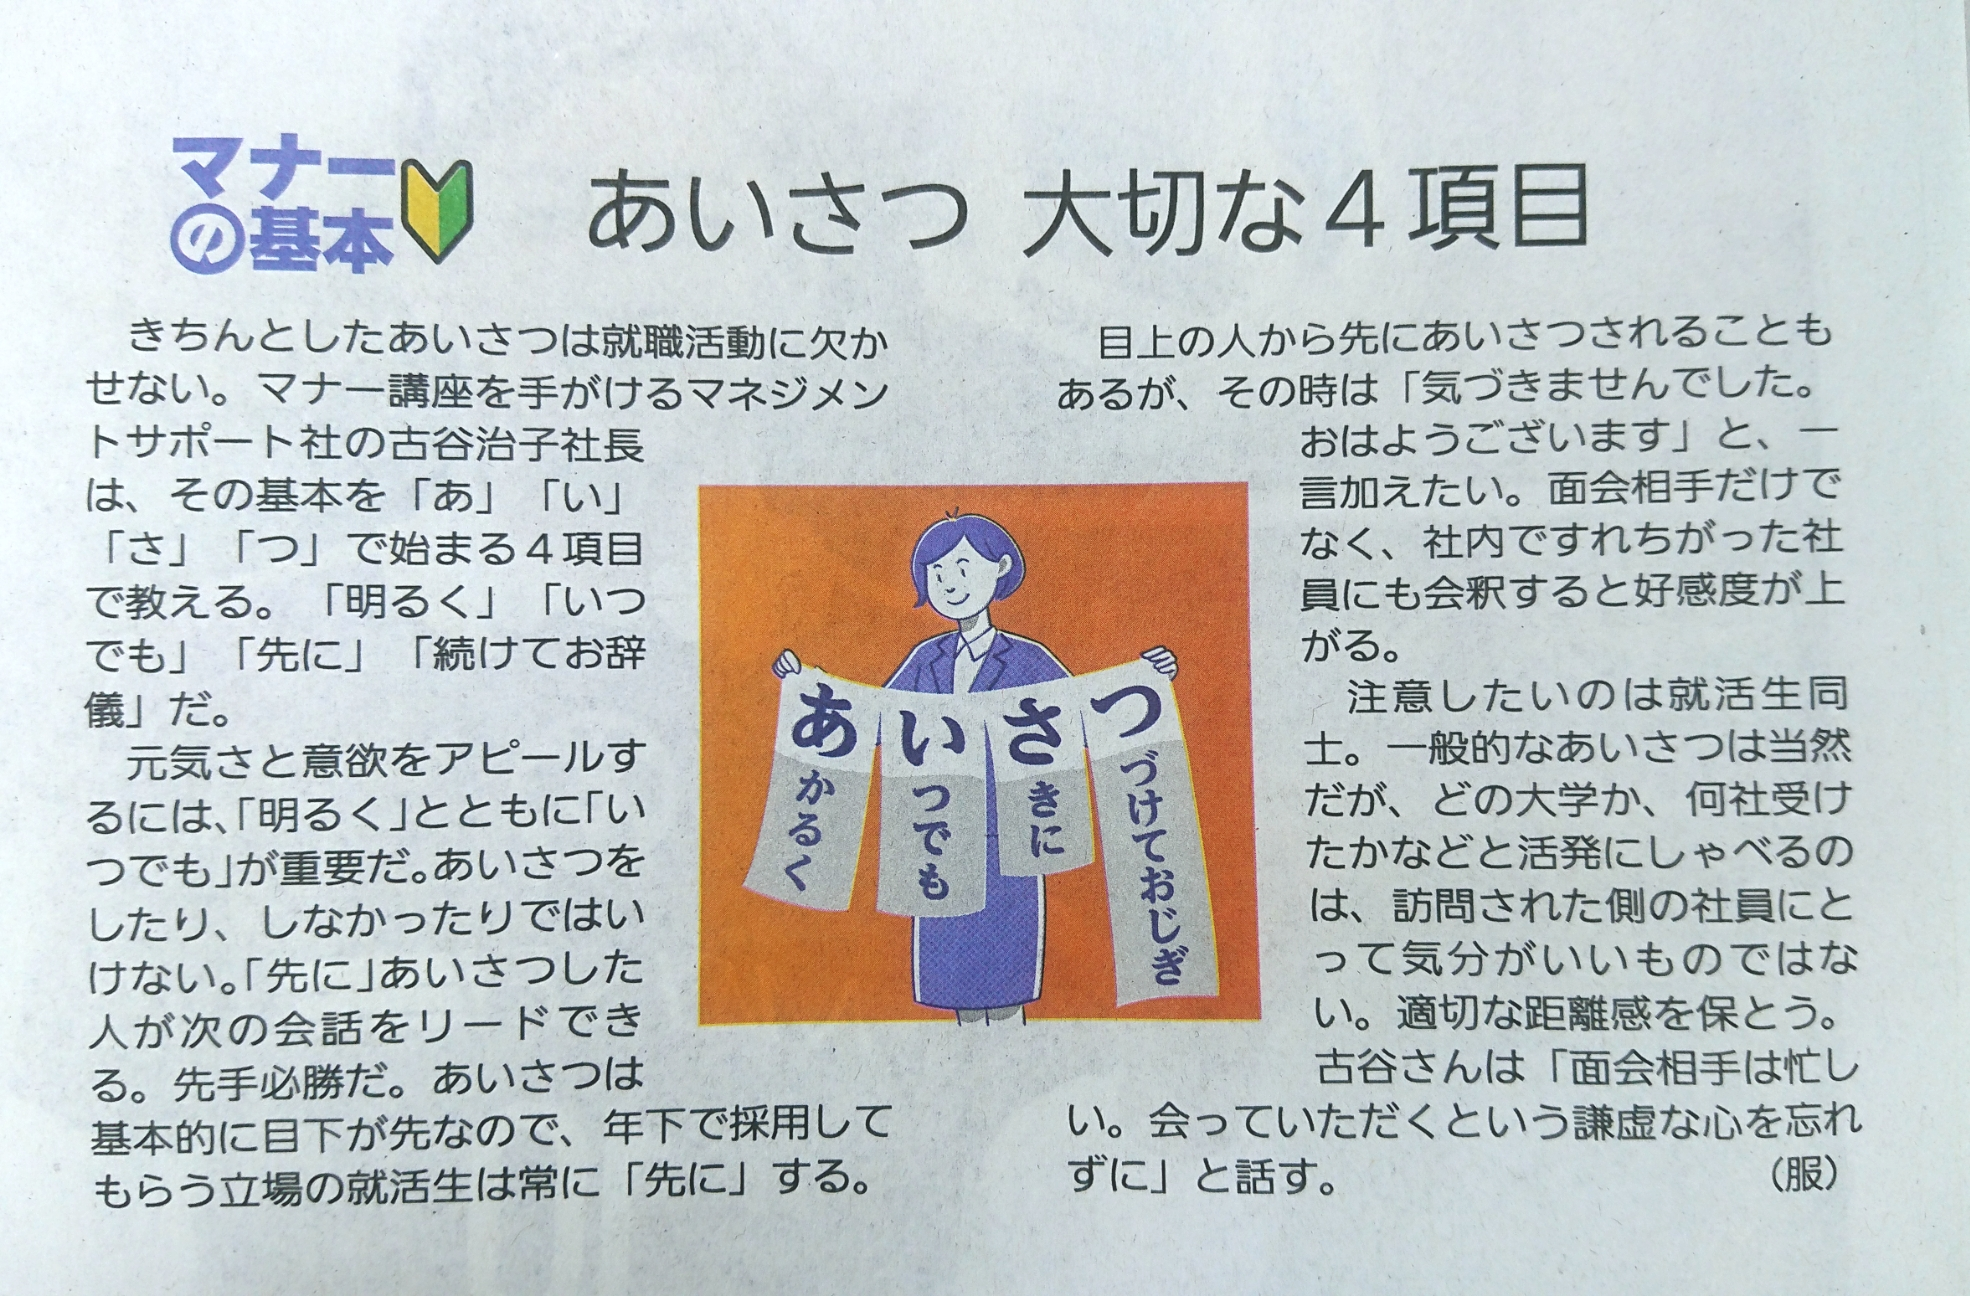 2020年5月の就活ON!SPECIAL(読売新聞)に古谷治子の記事が掲載されました